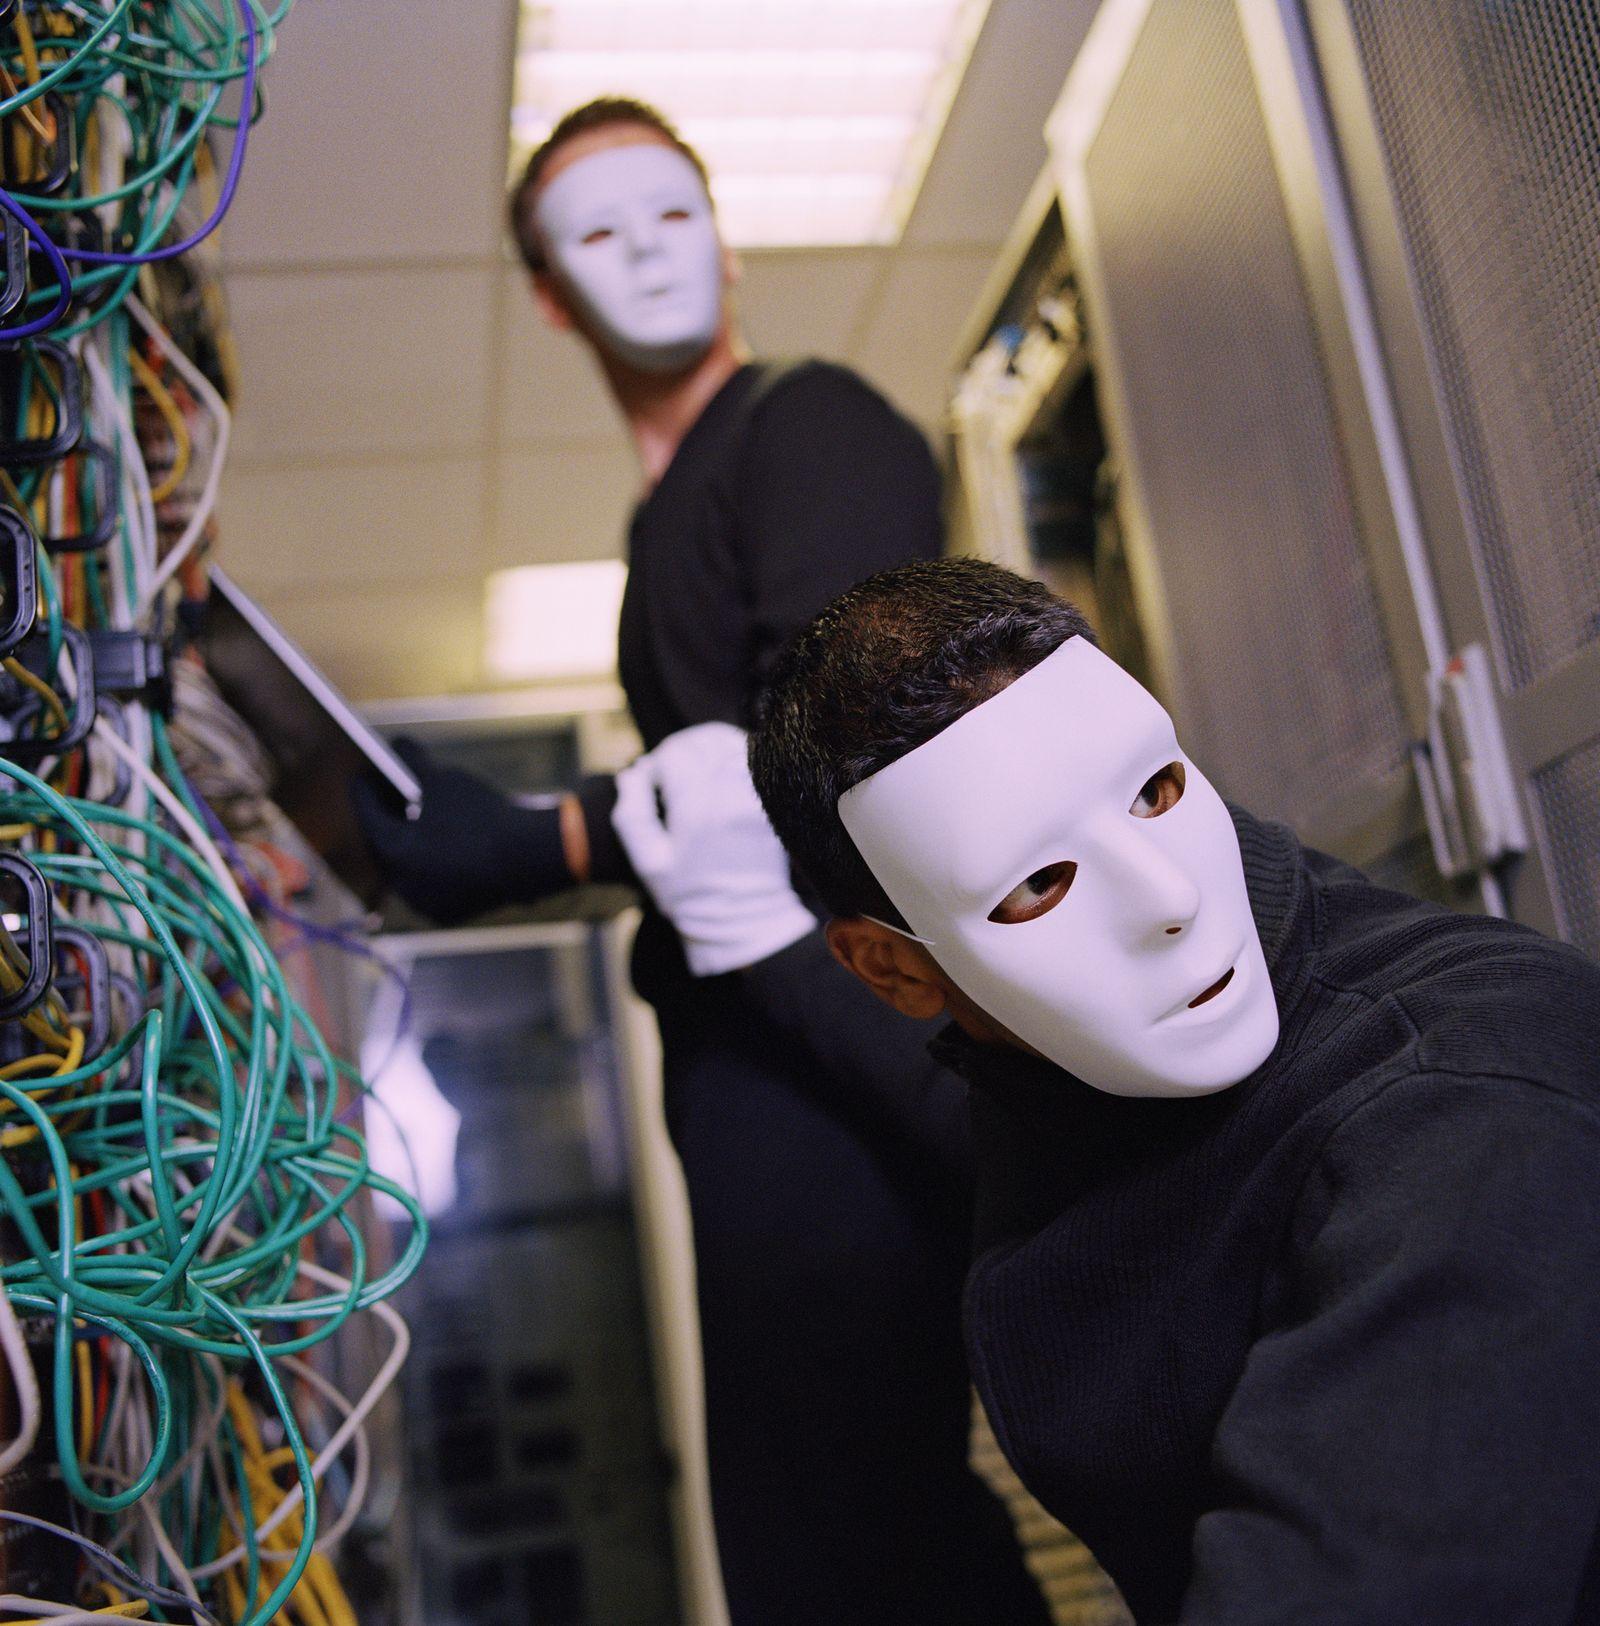 NICHT MEHR VERWENDEN! - Symbolbild / Hacker / Internet